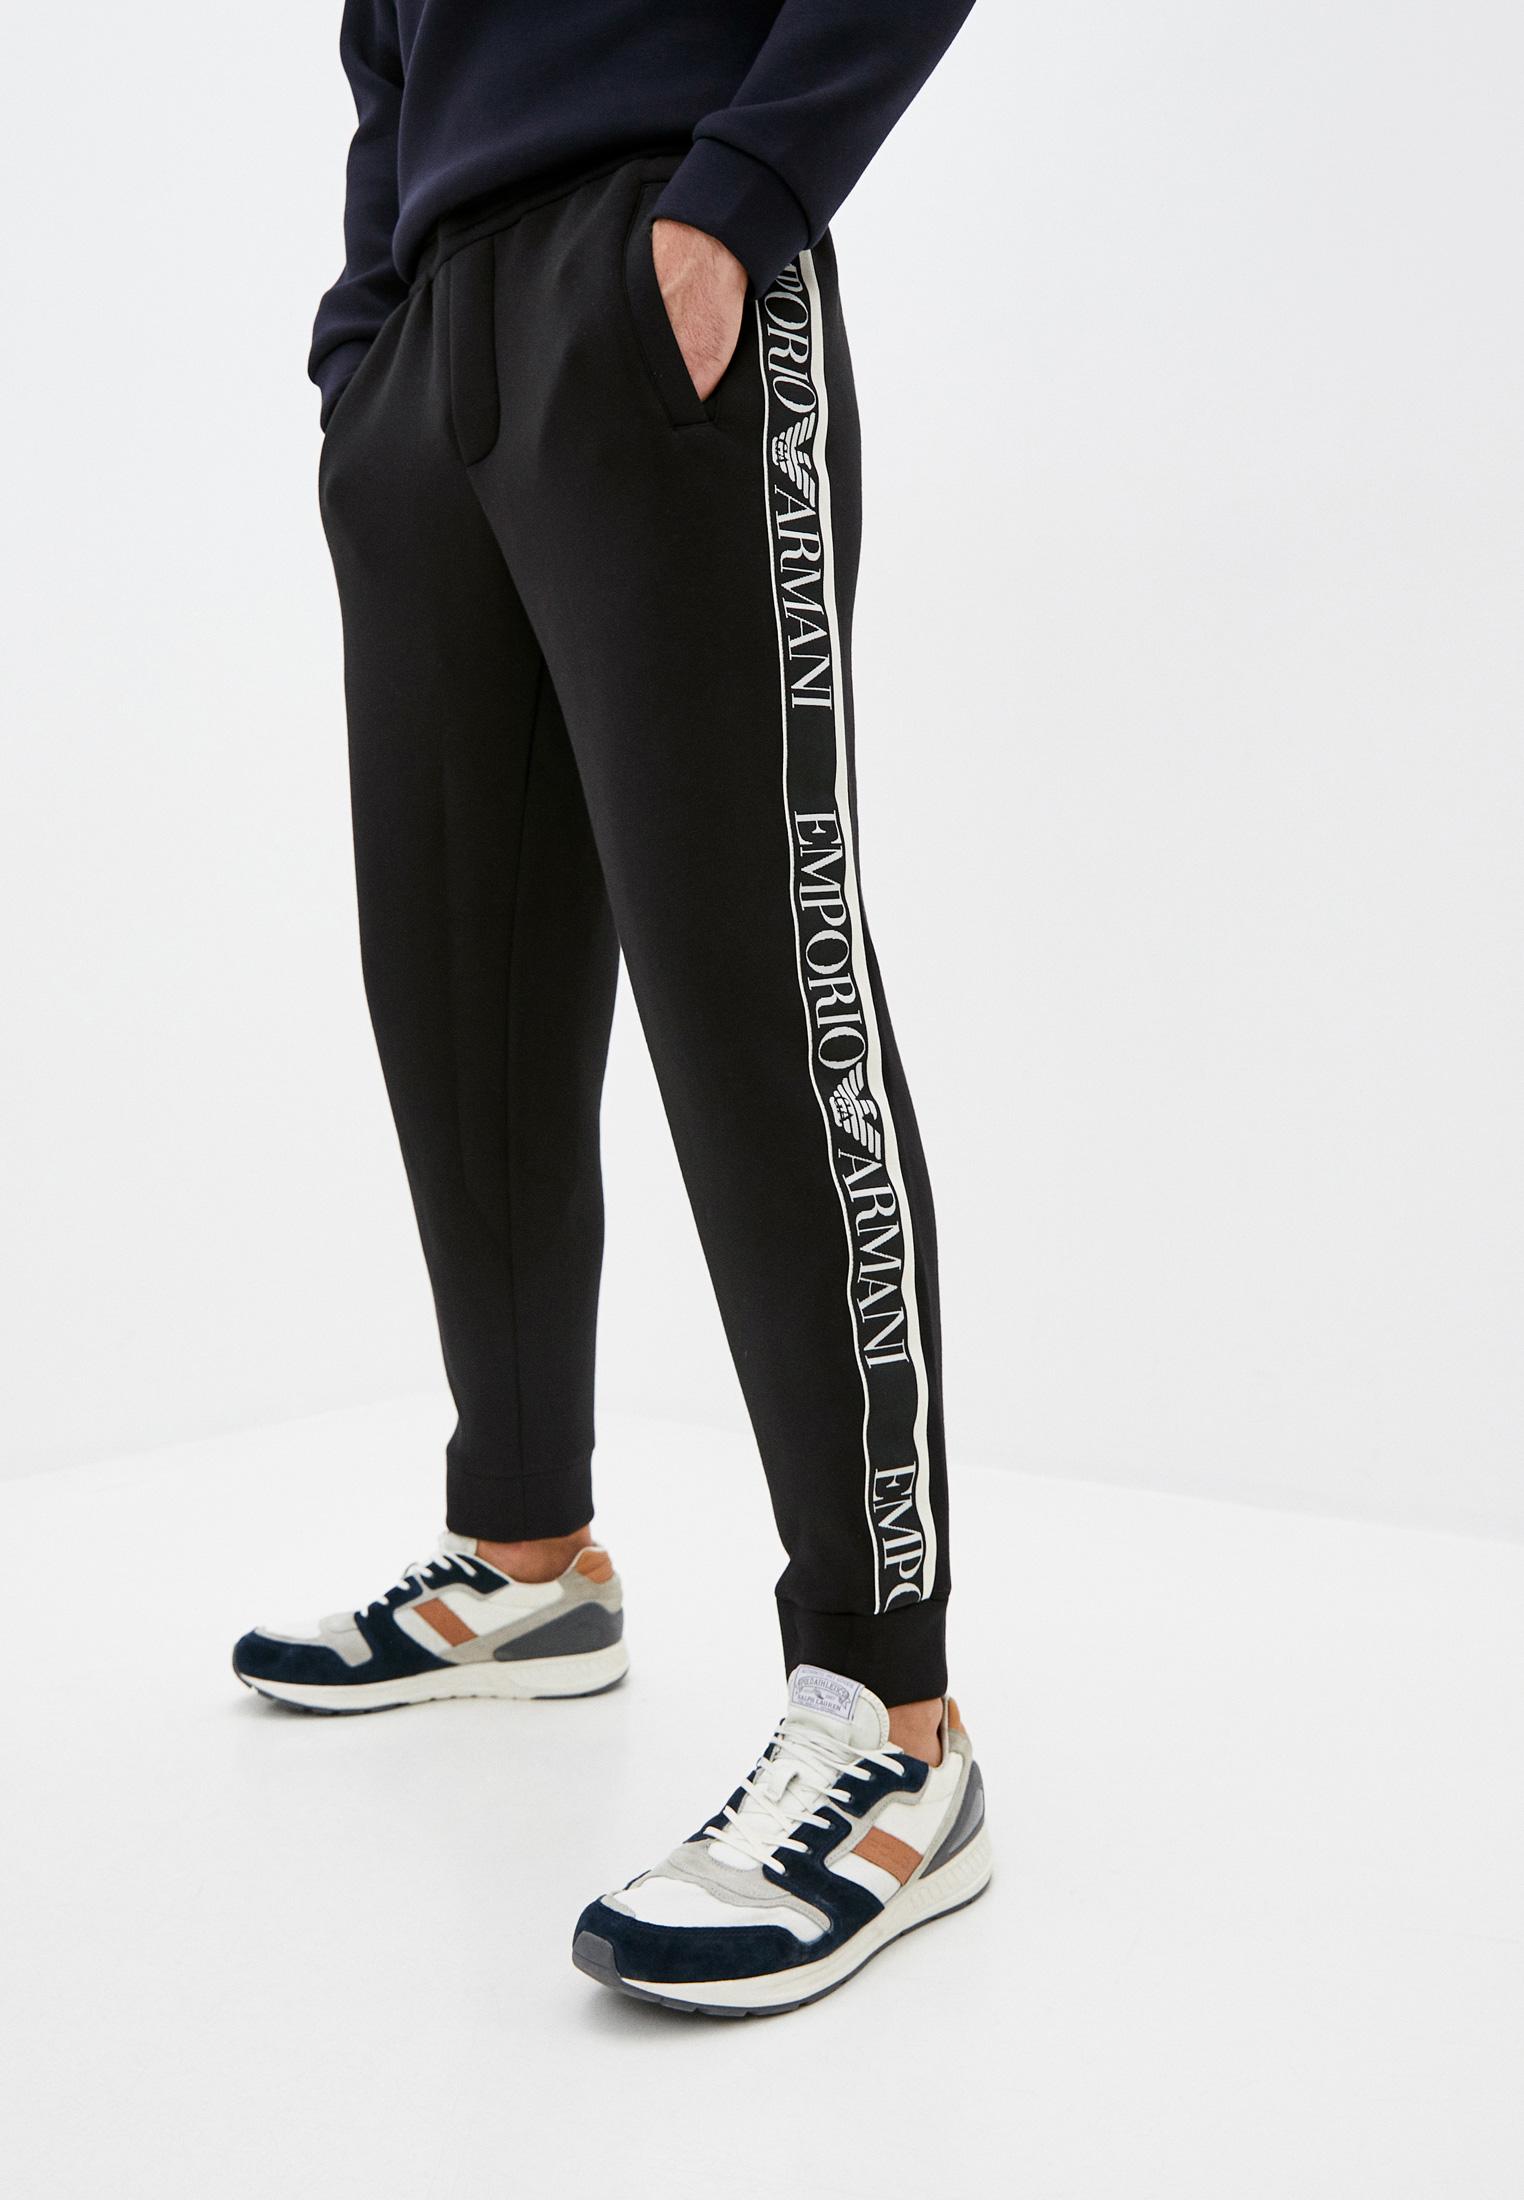 Мужские спортивные брюки Emporio Armani (Эмпорио Армани) 6h1p83 1jdsz